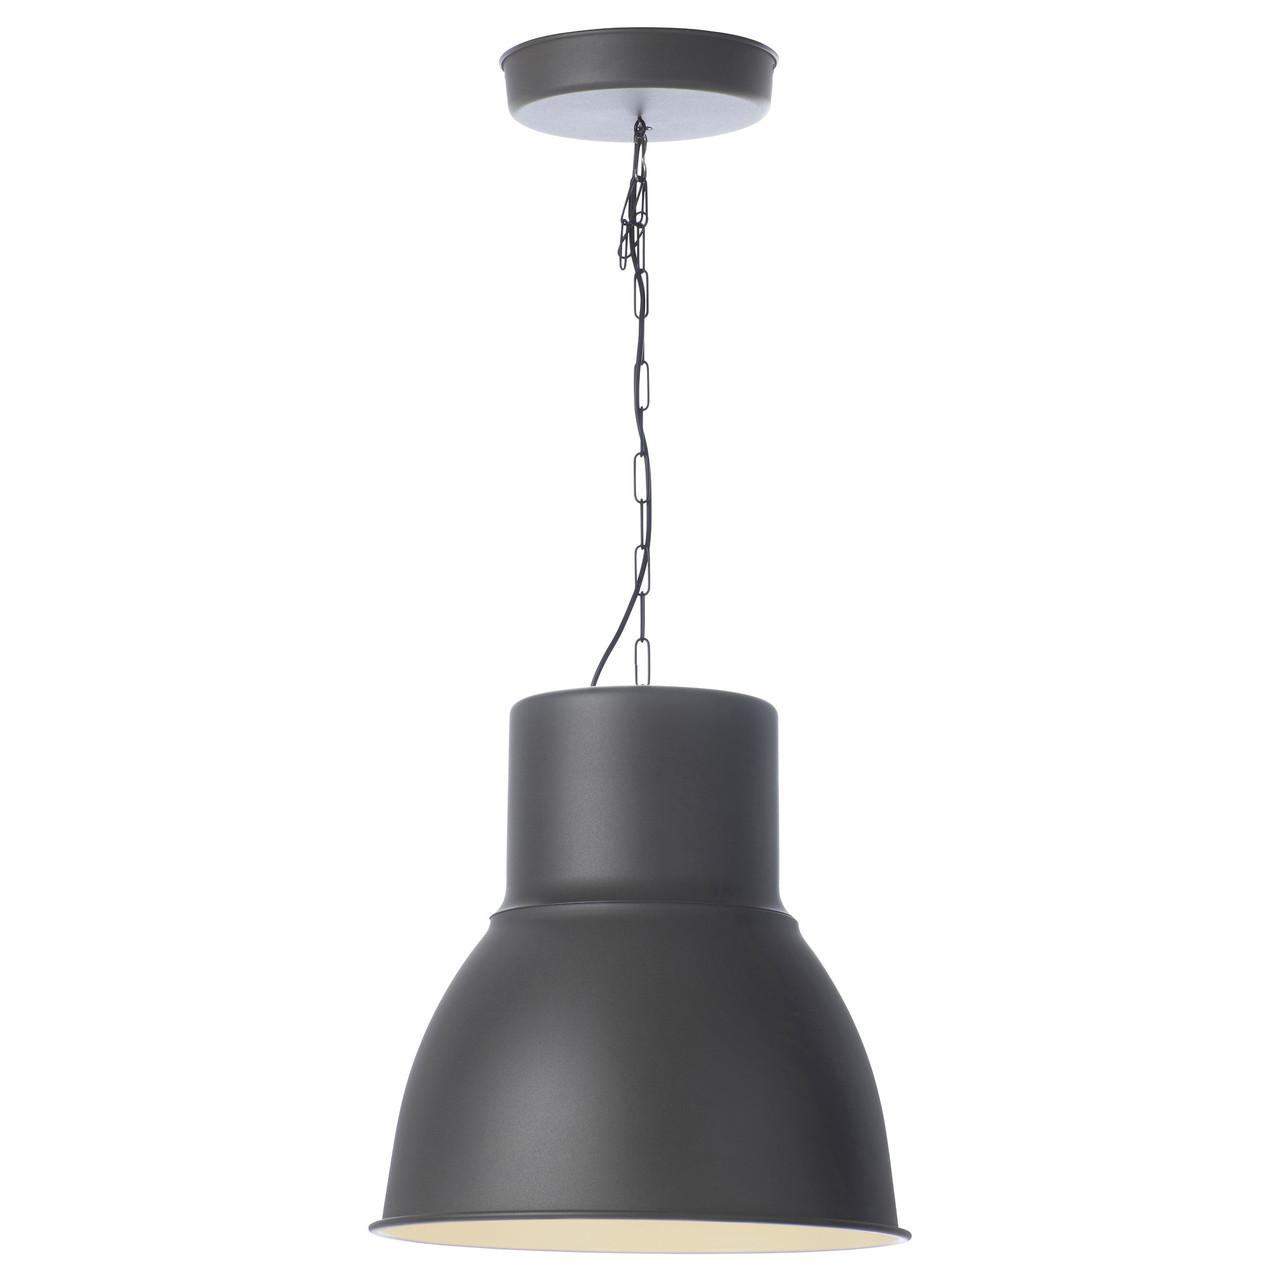 HEKTAR Подвесной светильник, темно-серый 602.152.05